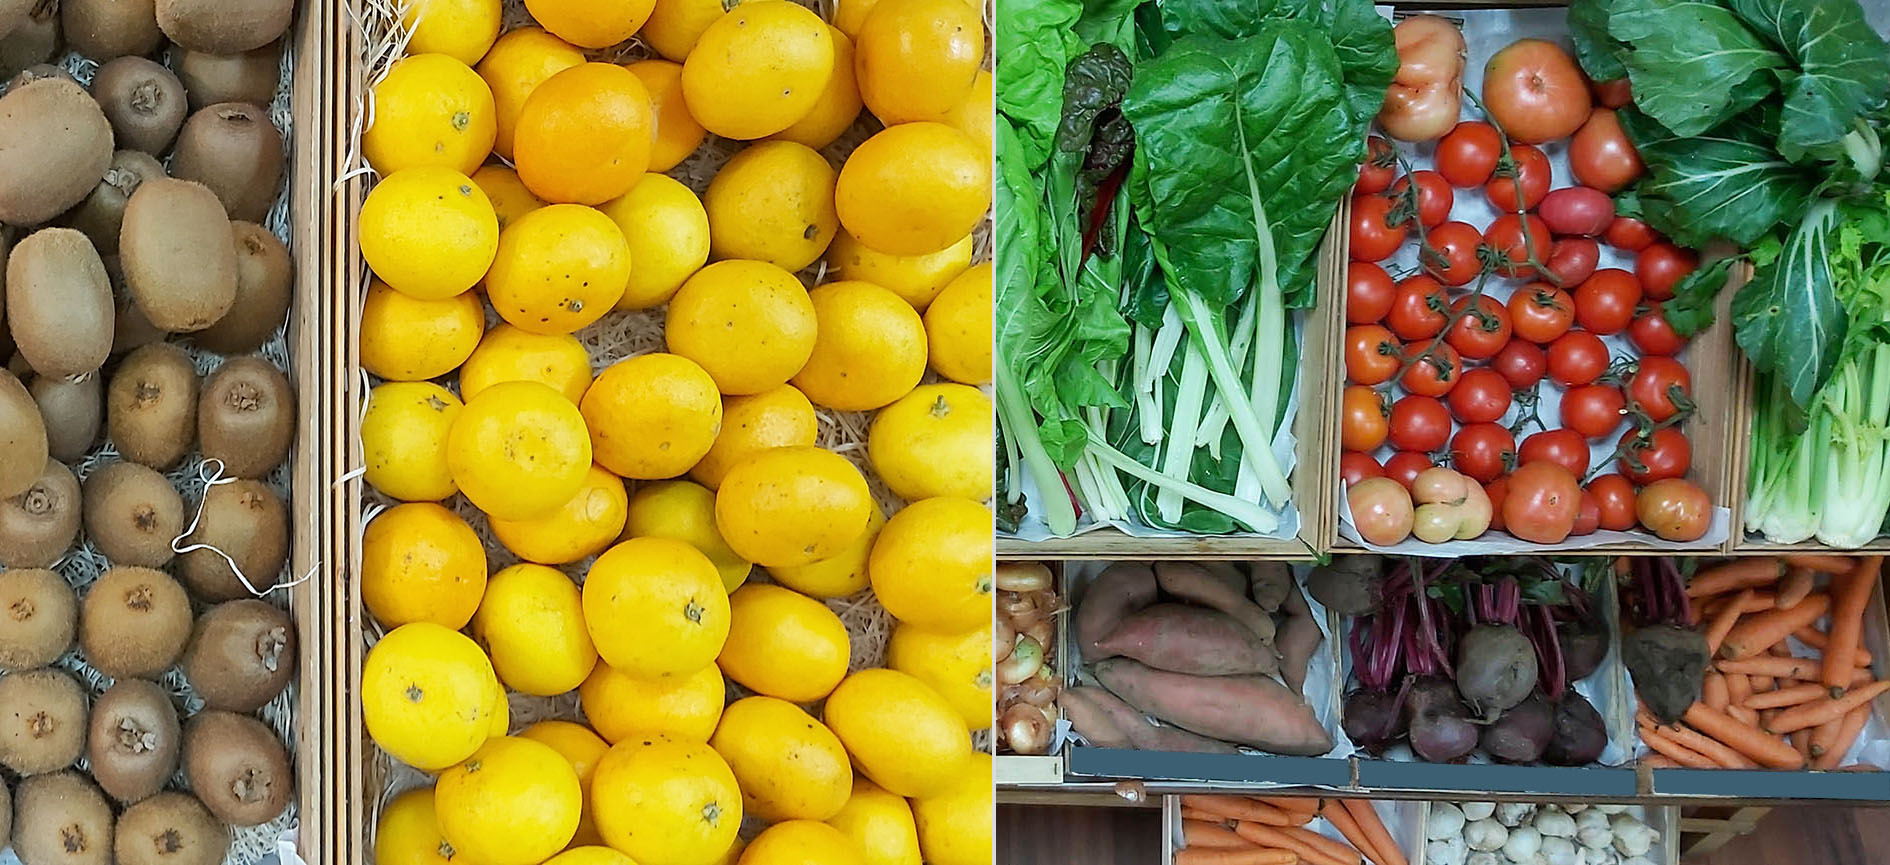 cesta-verduras-e-froitas-a-cesta-da-saude